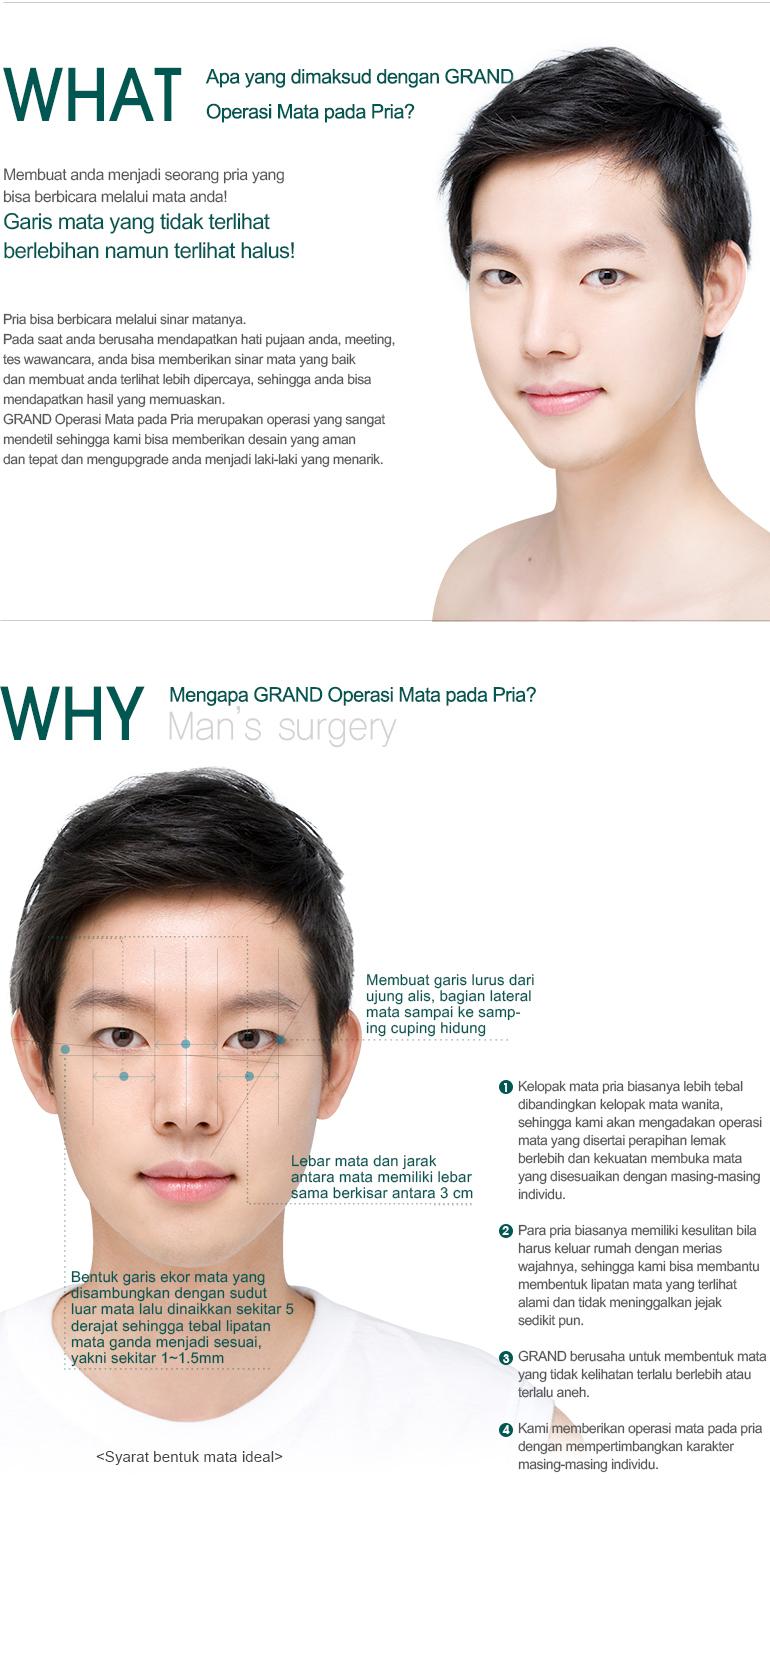 Operasi Mata untuk Pria